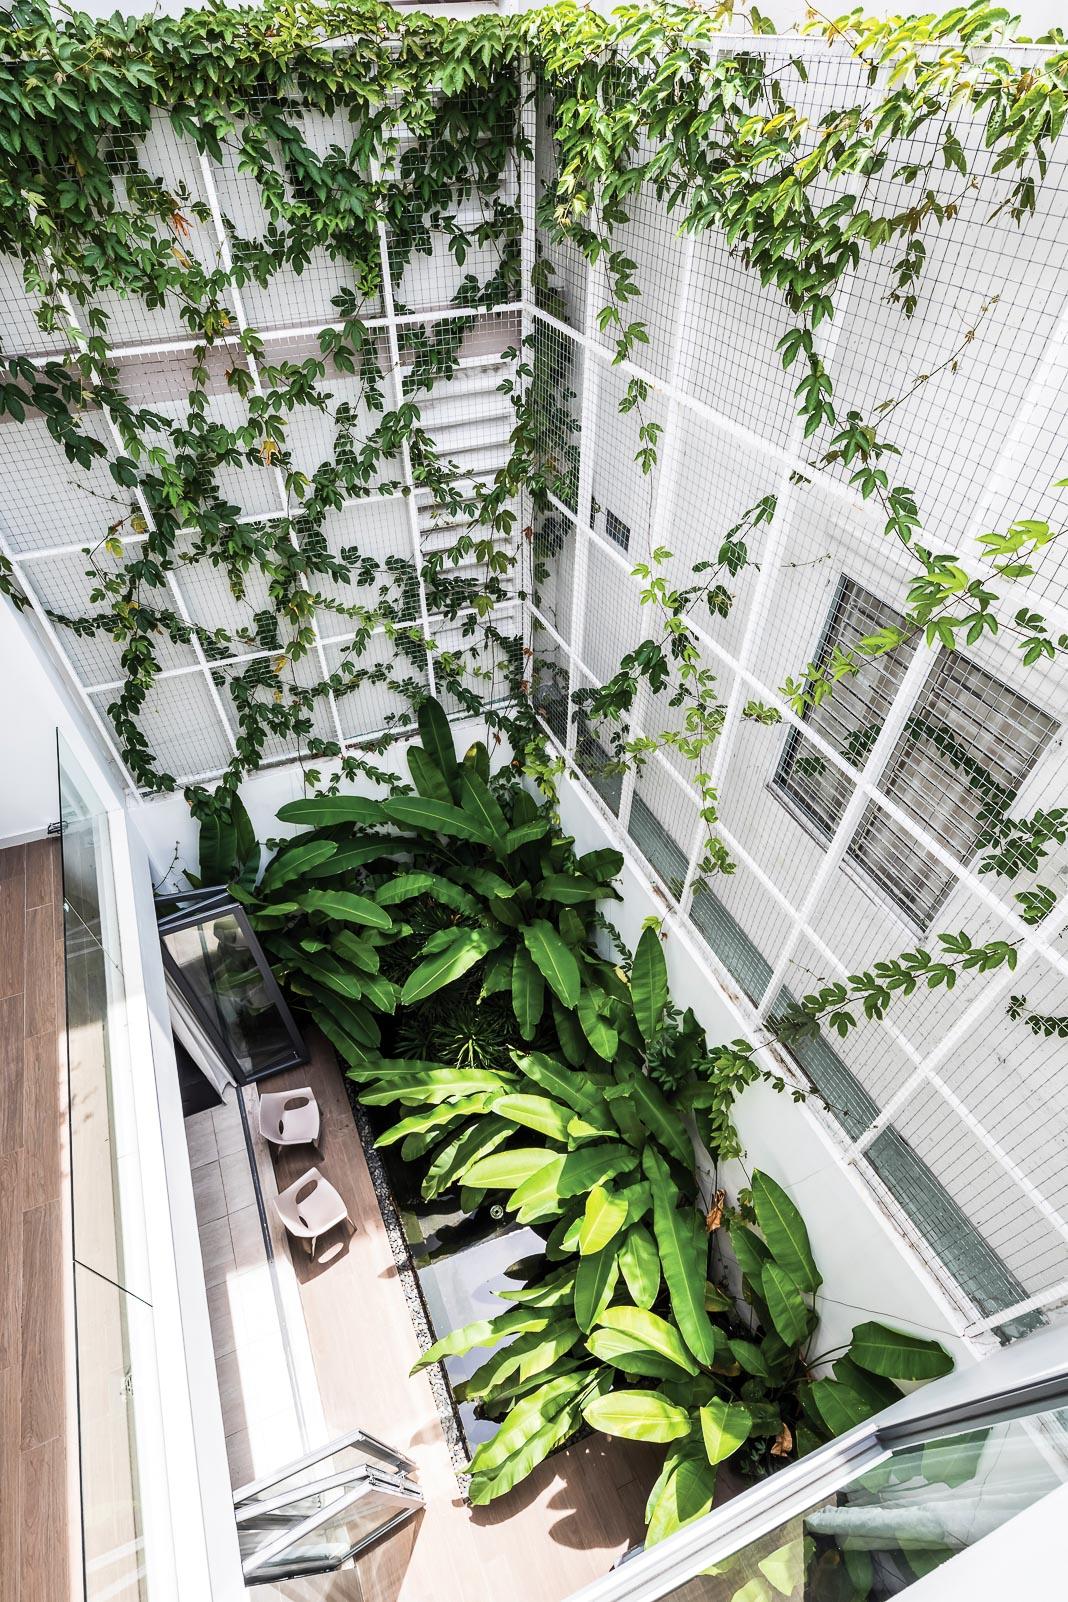 Vườn sau không chỉ đem lại cảm giác thiên nhiên cho không gian sinh hoạt chung dưới tầng trệt mà còn giống như một lõi xanh trên cao để các phòng ngủ cũng có view nhìn ra mảng xanh thiên nhiên 2